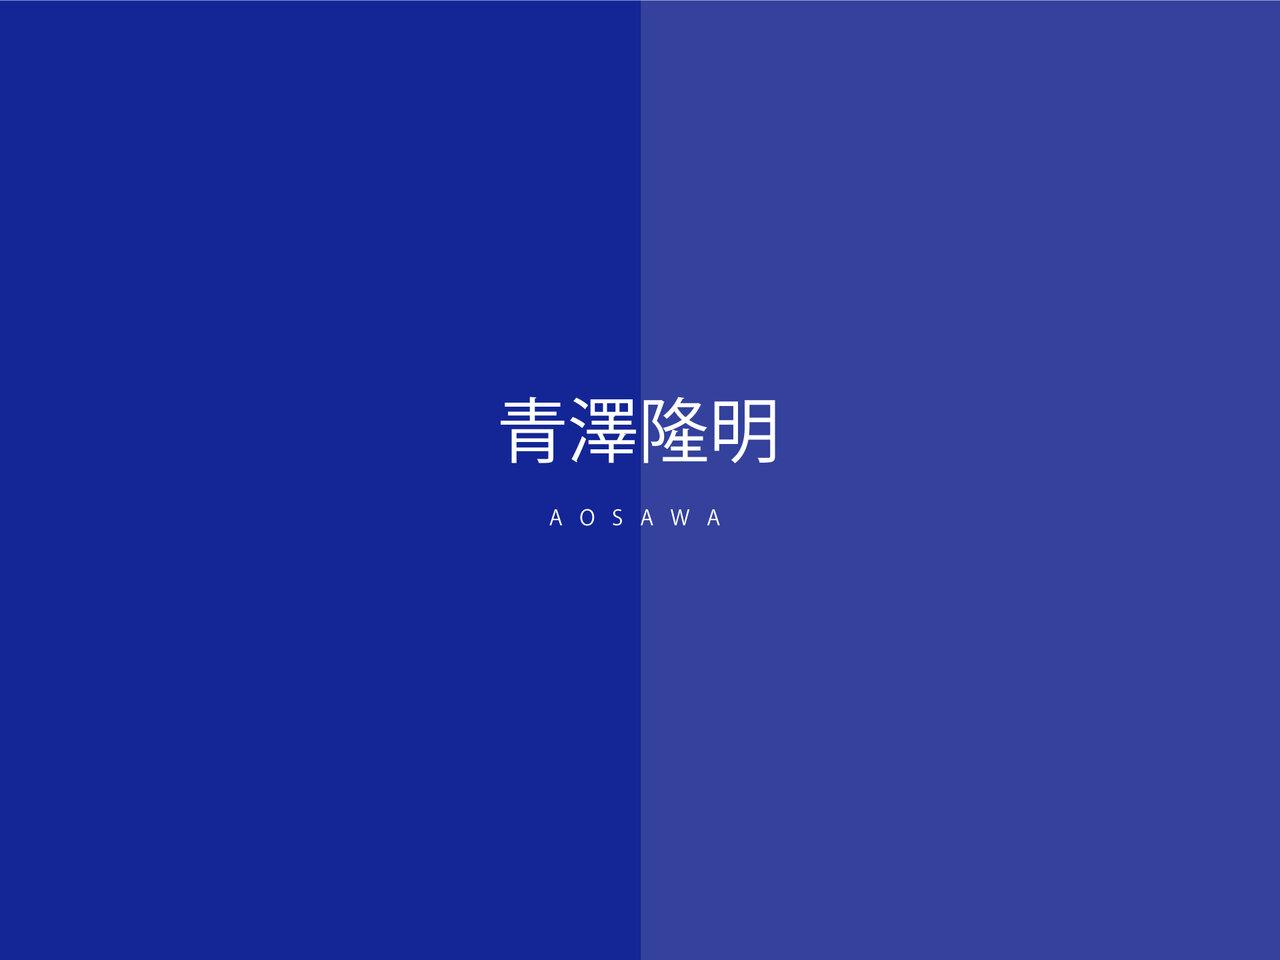 周防亮介のカプリース - パガニーニとシャリーノを縦横無尽に(青澤隆明)